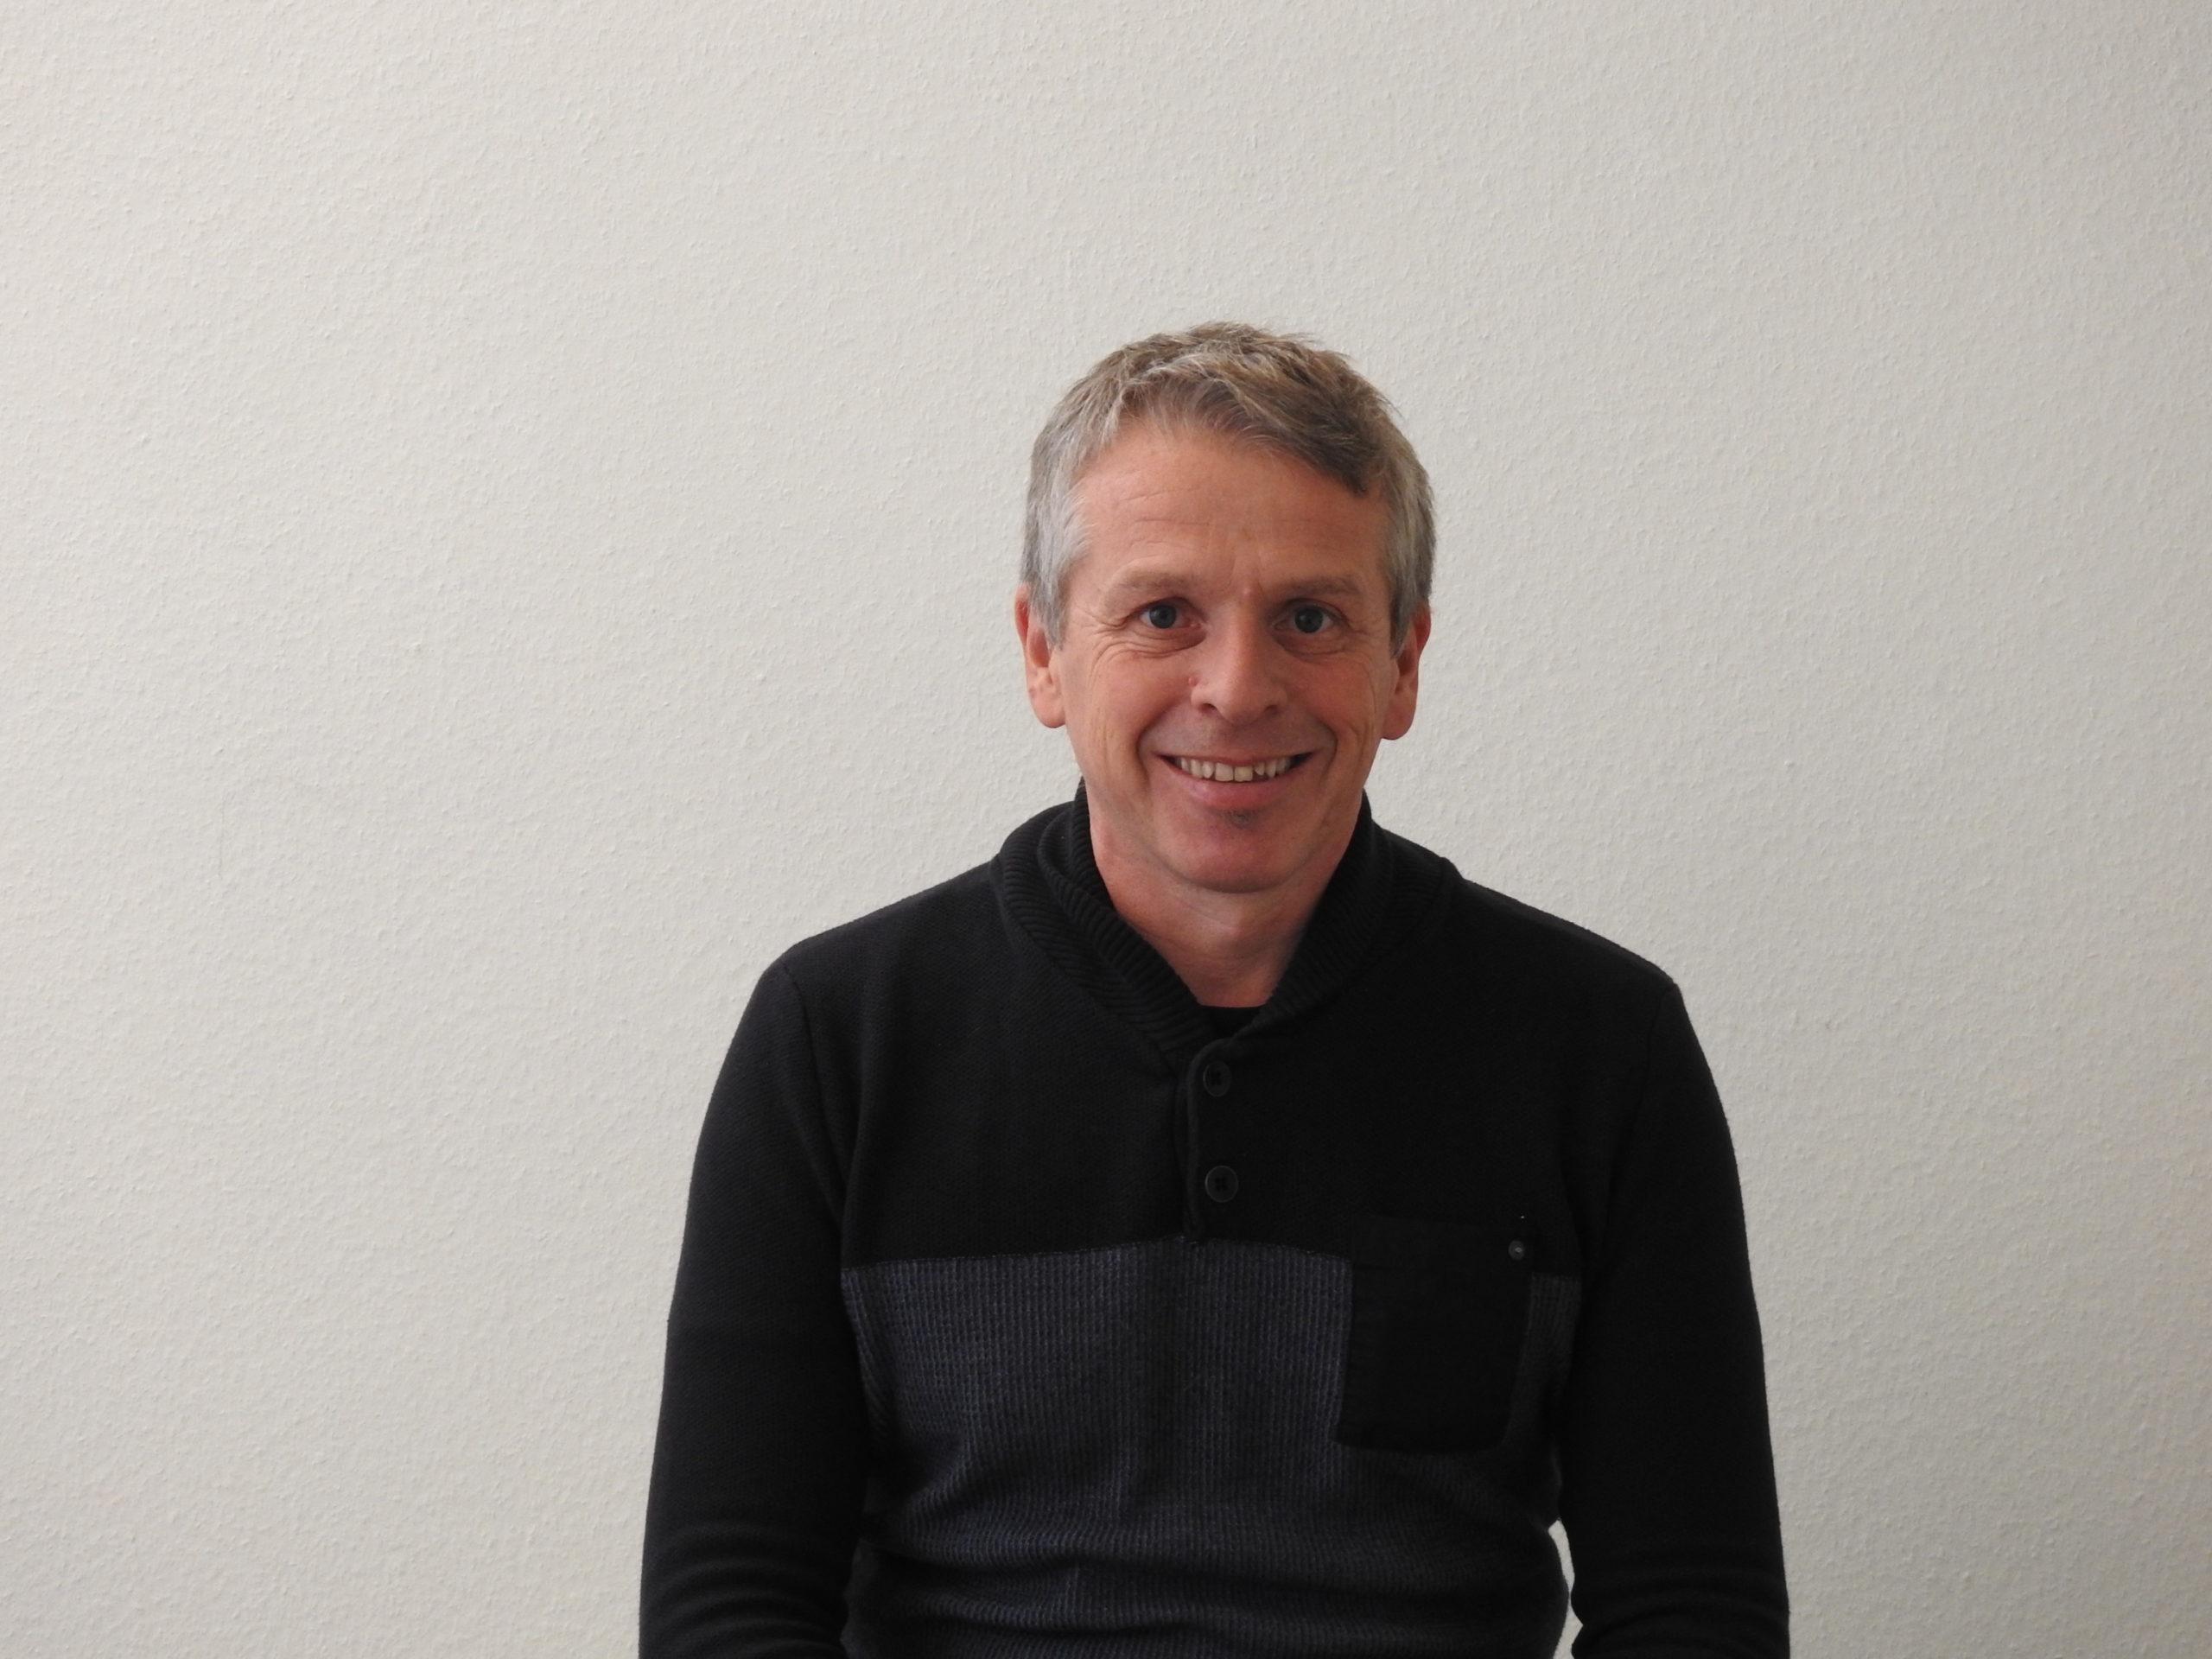 Kurt Hofstetter